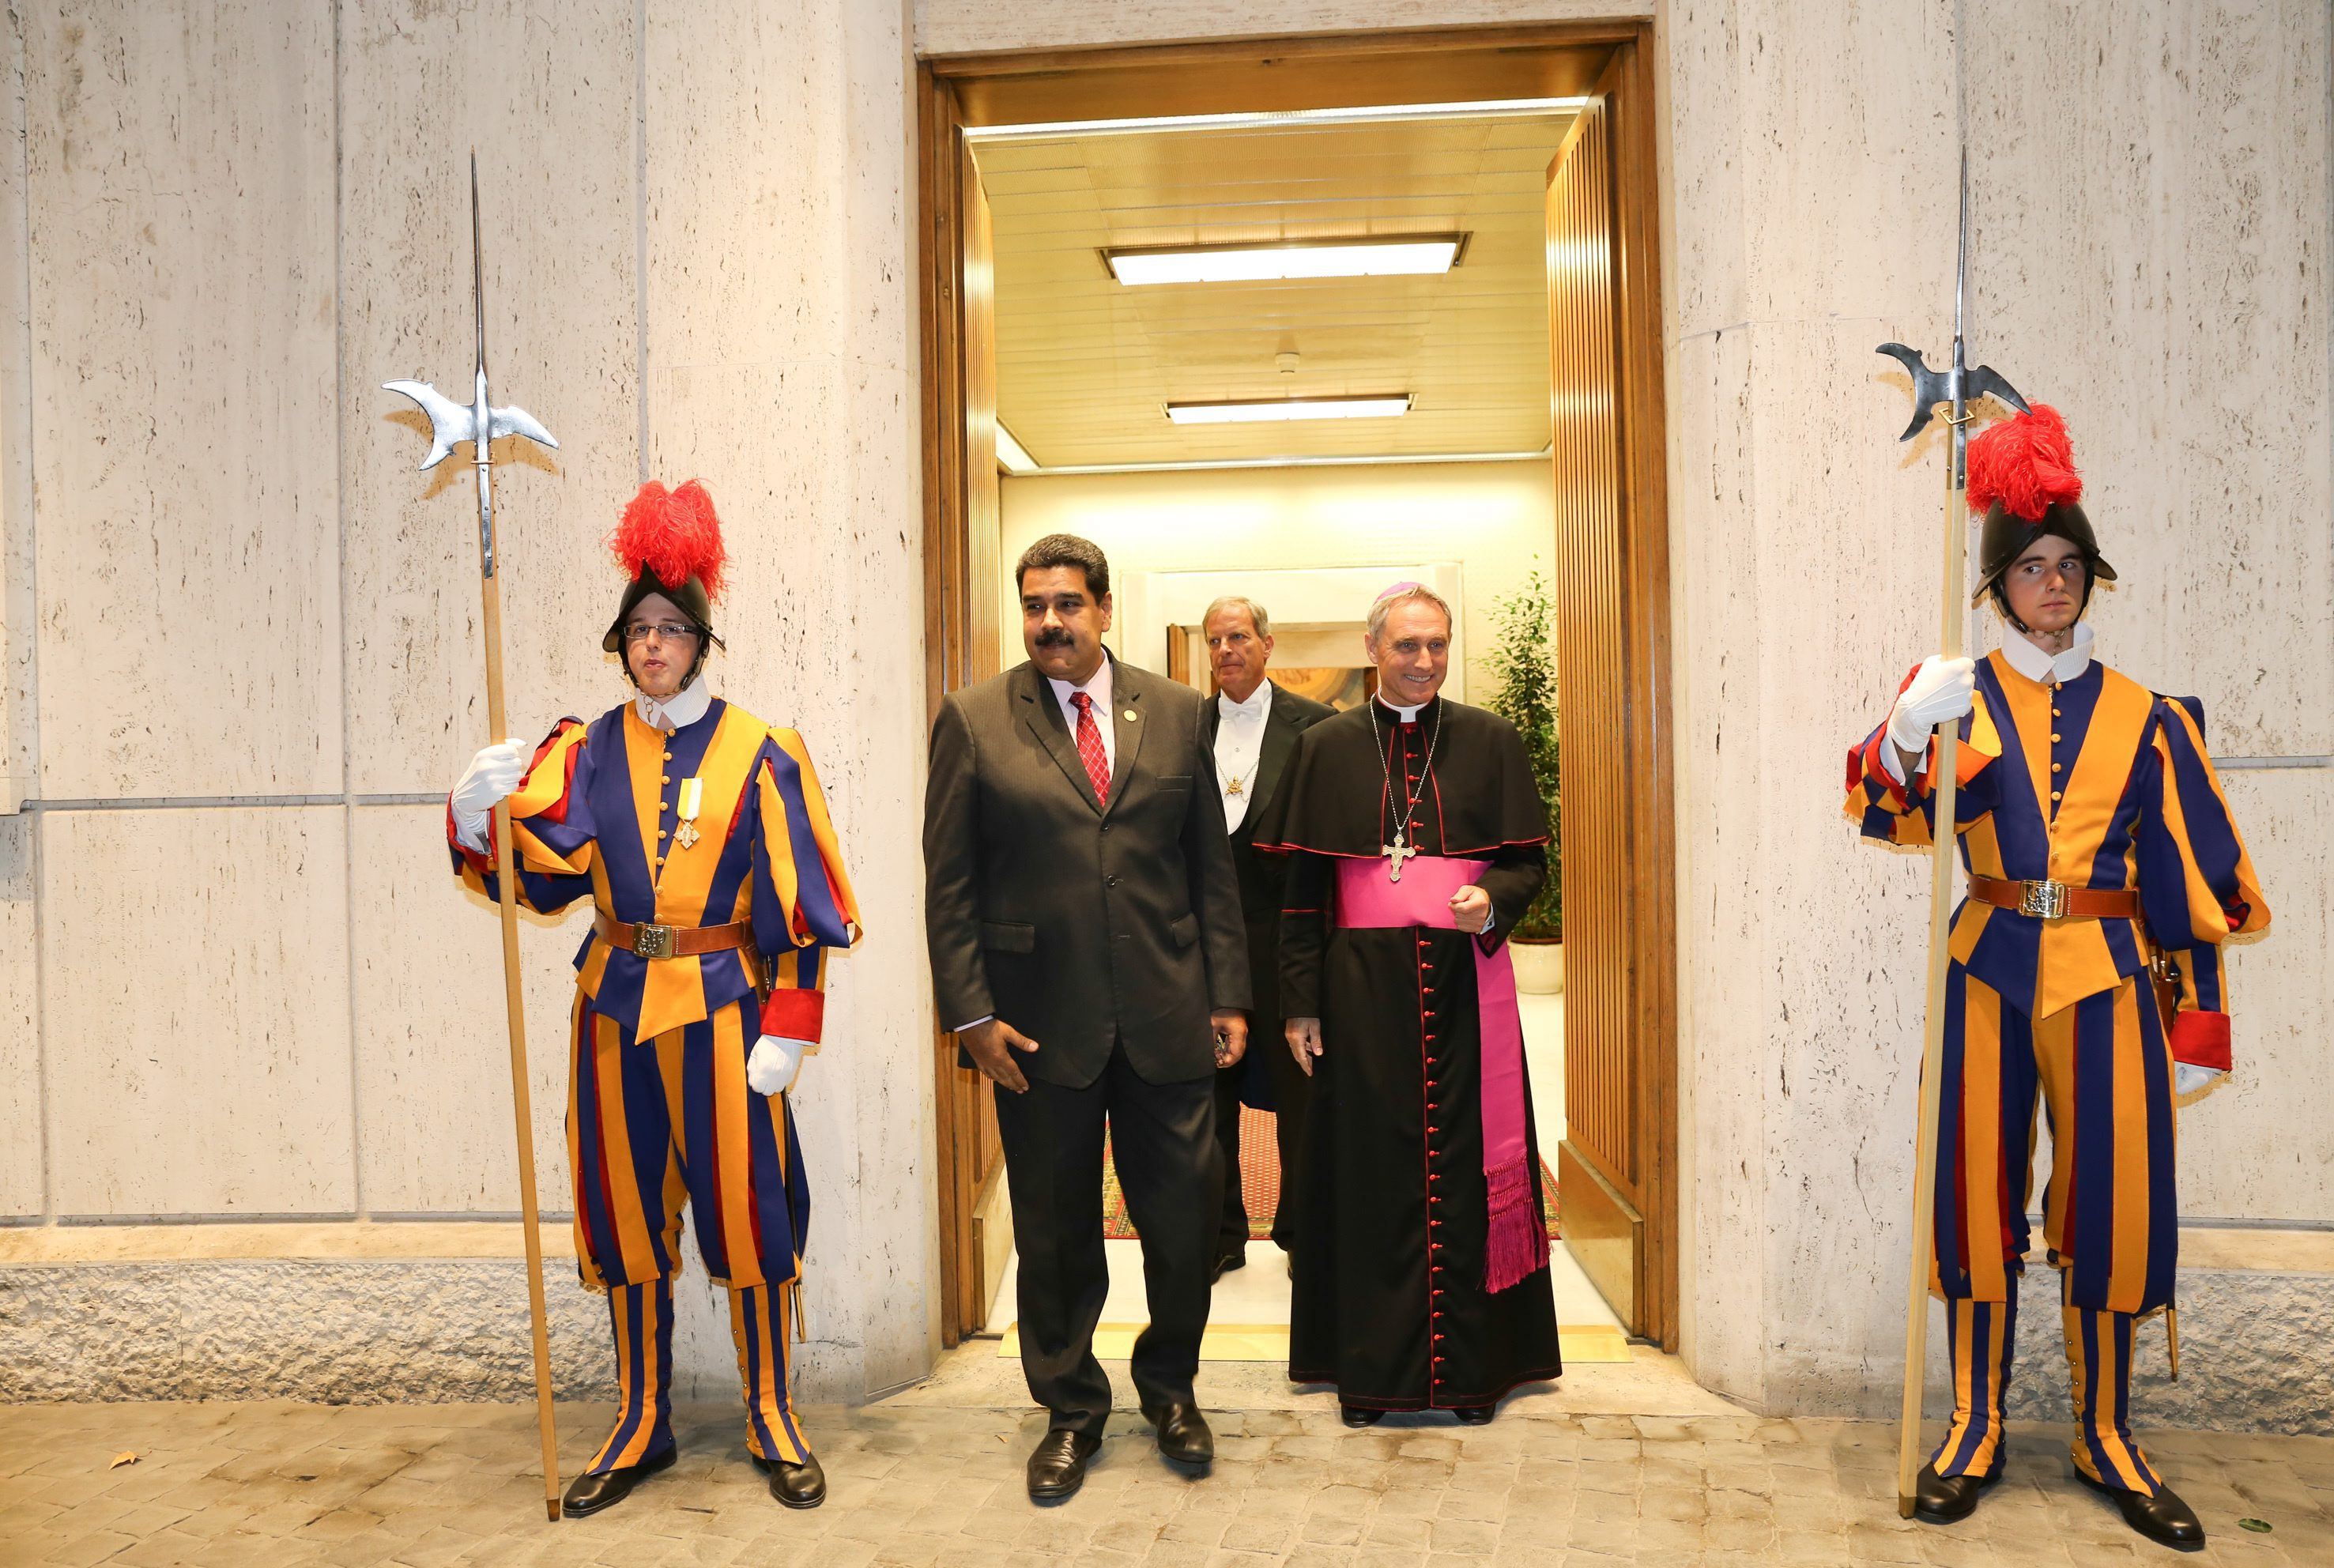 Wenezuelski prezydent Nicolas Maduro na prywatnej wizycie u papieża Franciszka w Watykanie. fot. EPA/MIRAFLORES PALACE / HANDOUT  HANDOUT EDITORIAL USE ONLY/NO SALES